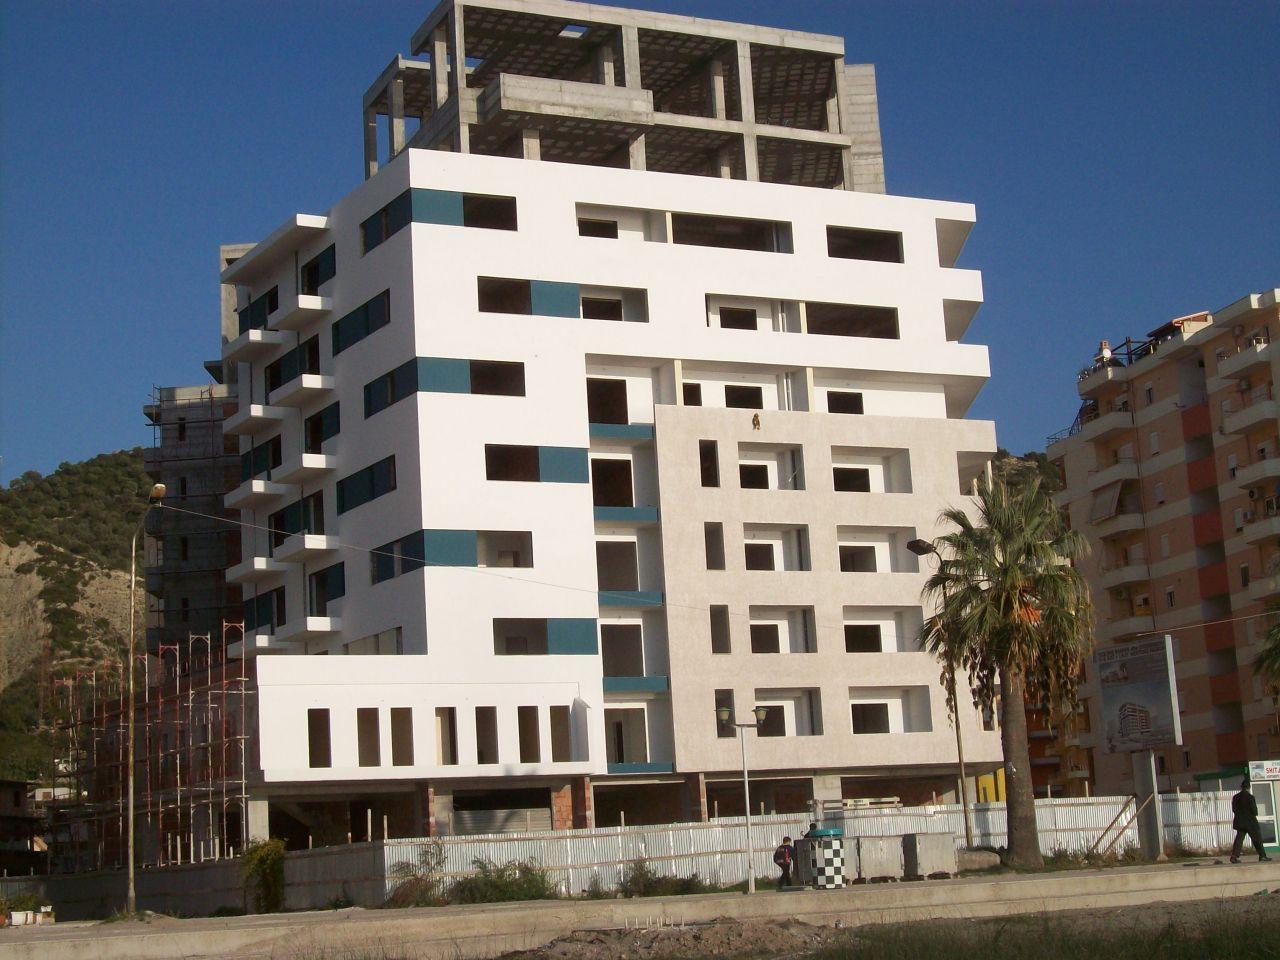 Apartamente për shitje në Vlorë, në afërsi të detit. Natyra e bukur dhe kushte të mira.